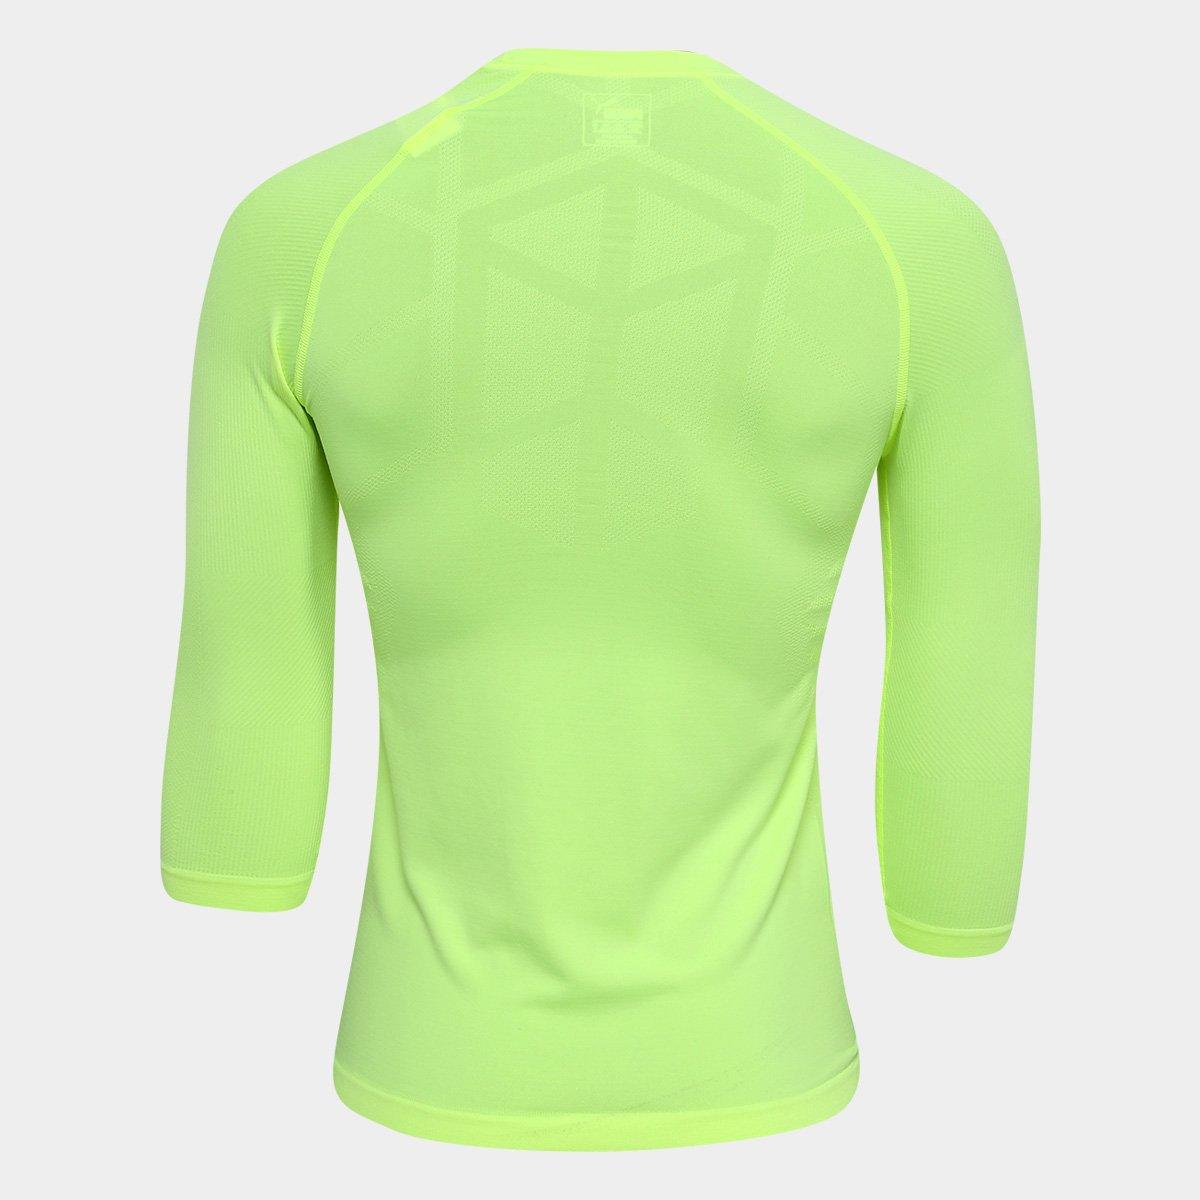 ... Camiseta Compressão Puma Manga Longa Futebol Next Masculina ... 1a8967c4a0902